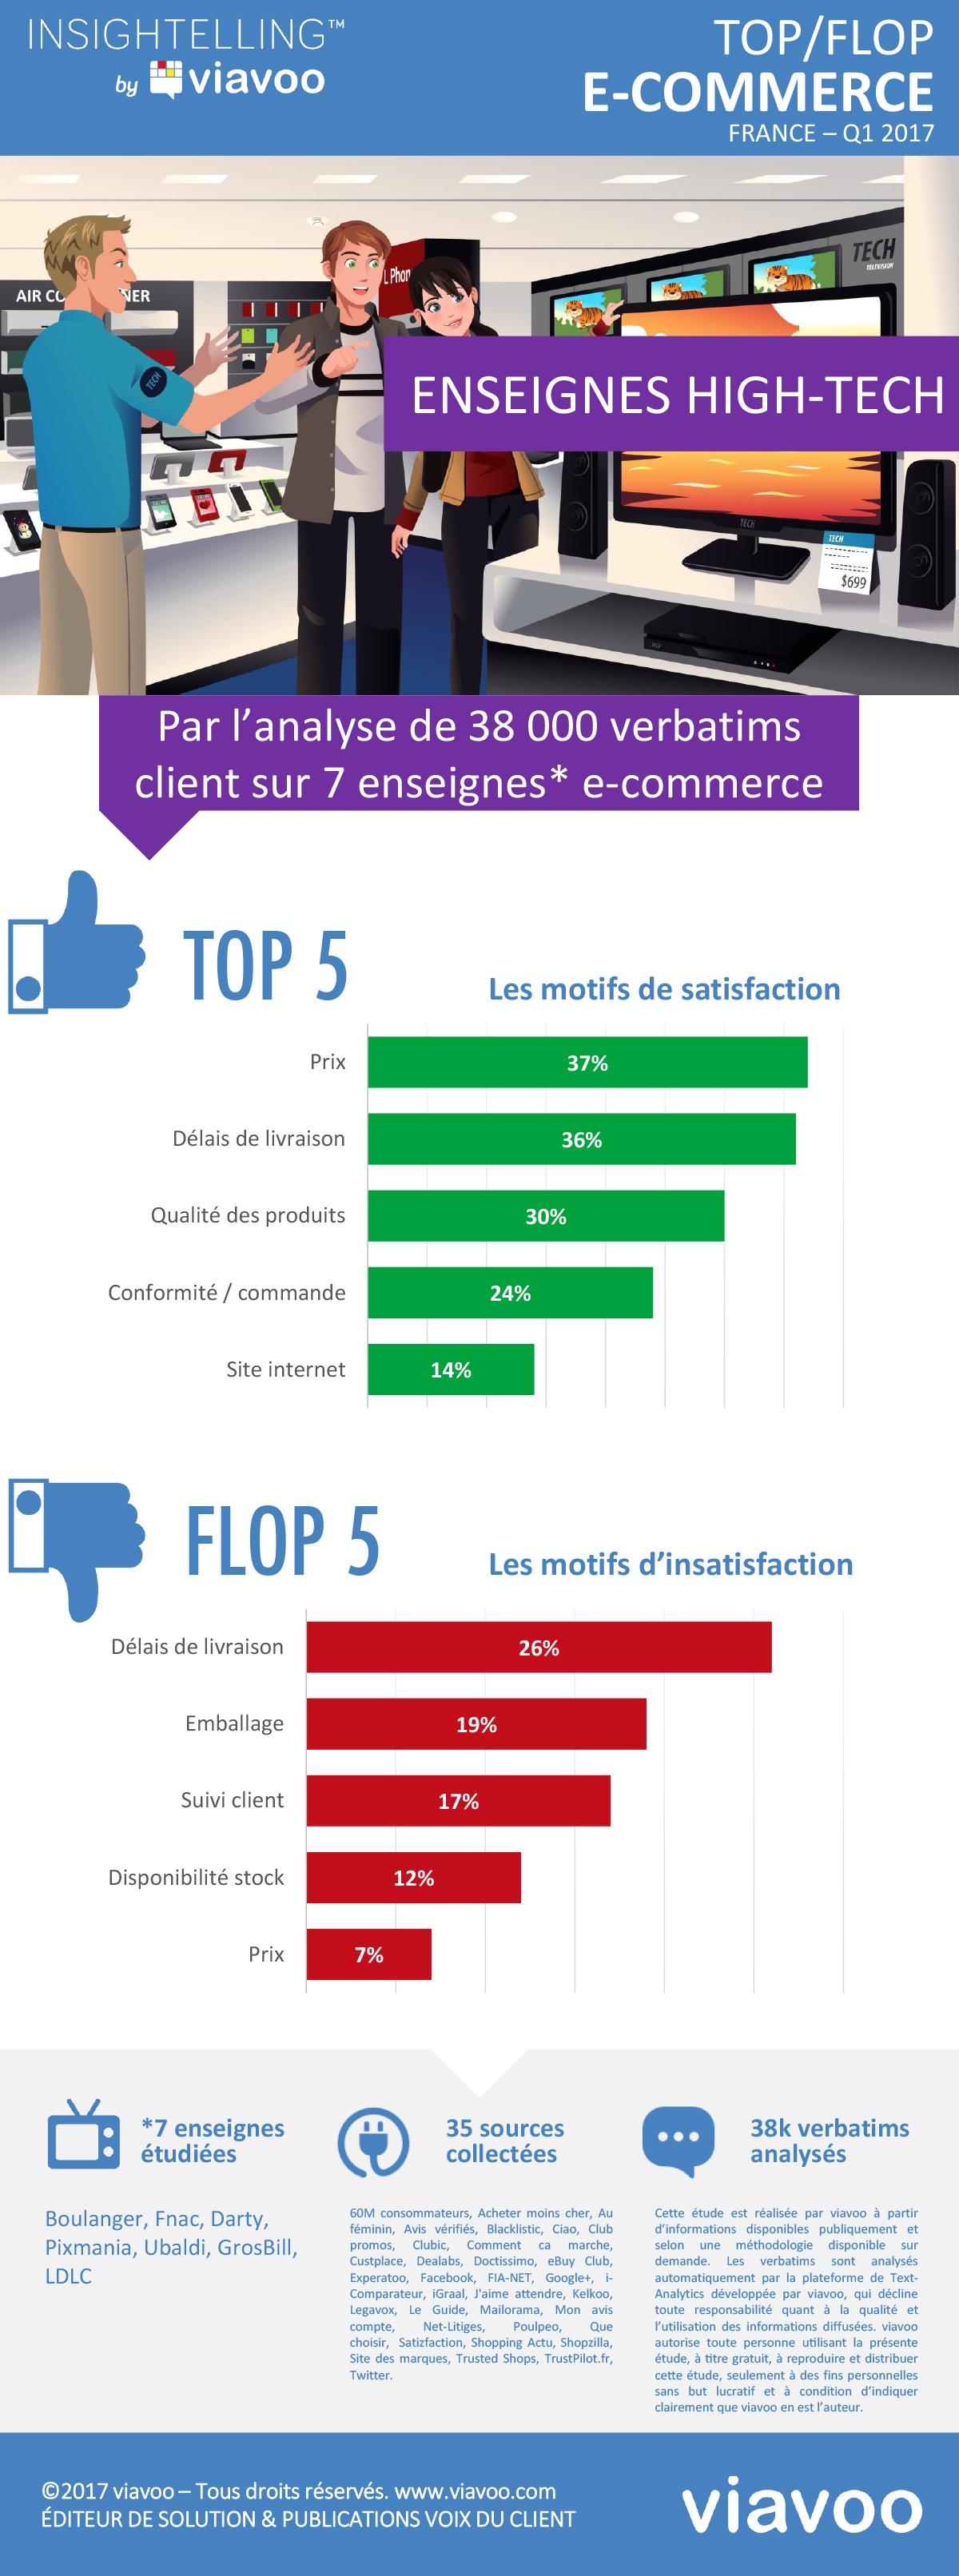 Infographie   Top/Flop de l'expérience client des enseignes high-tech, Q1 2017